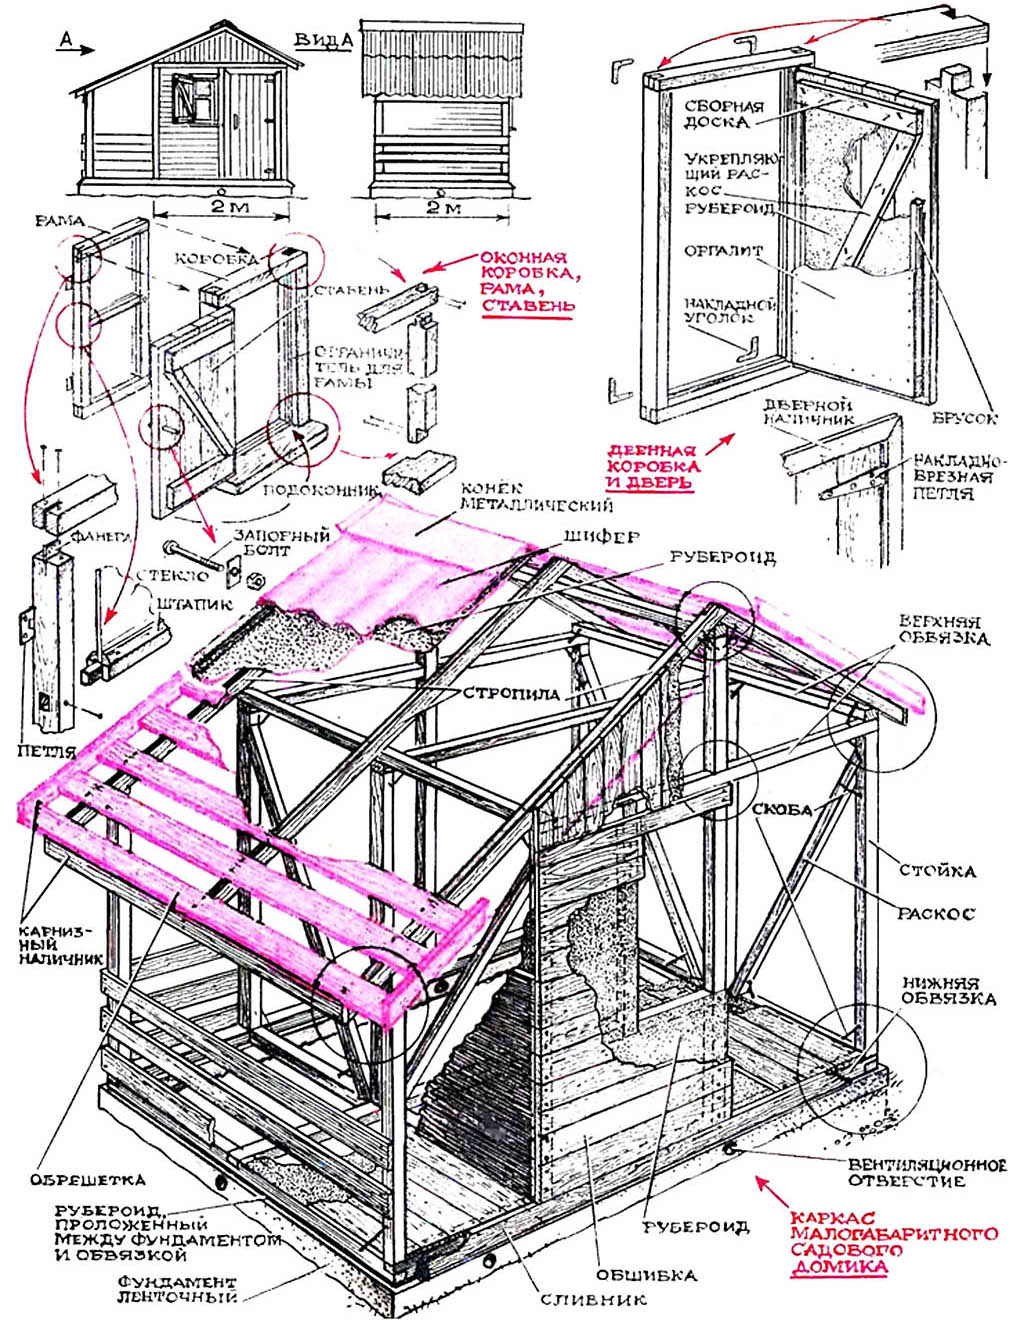 Дачный домик (просто и недорого): какой тип и проект выбрать, строительство, нюансы